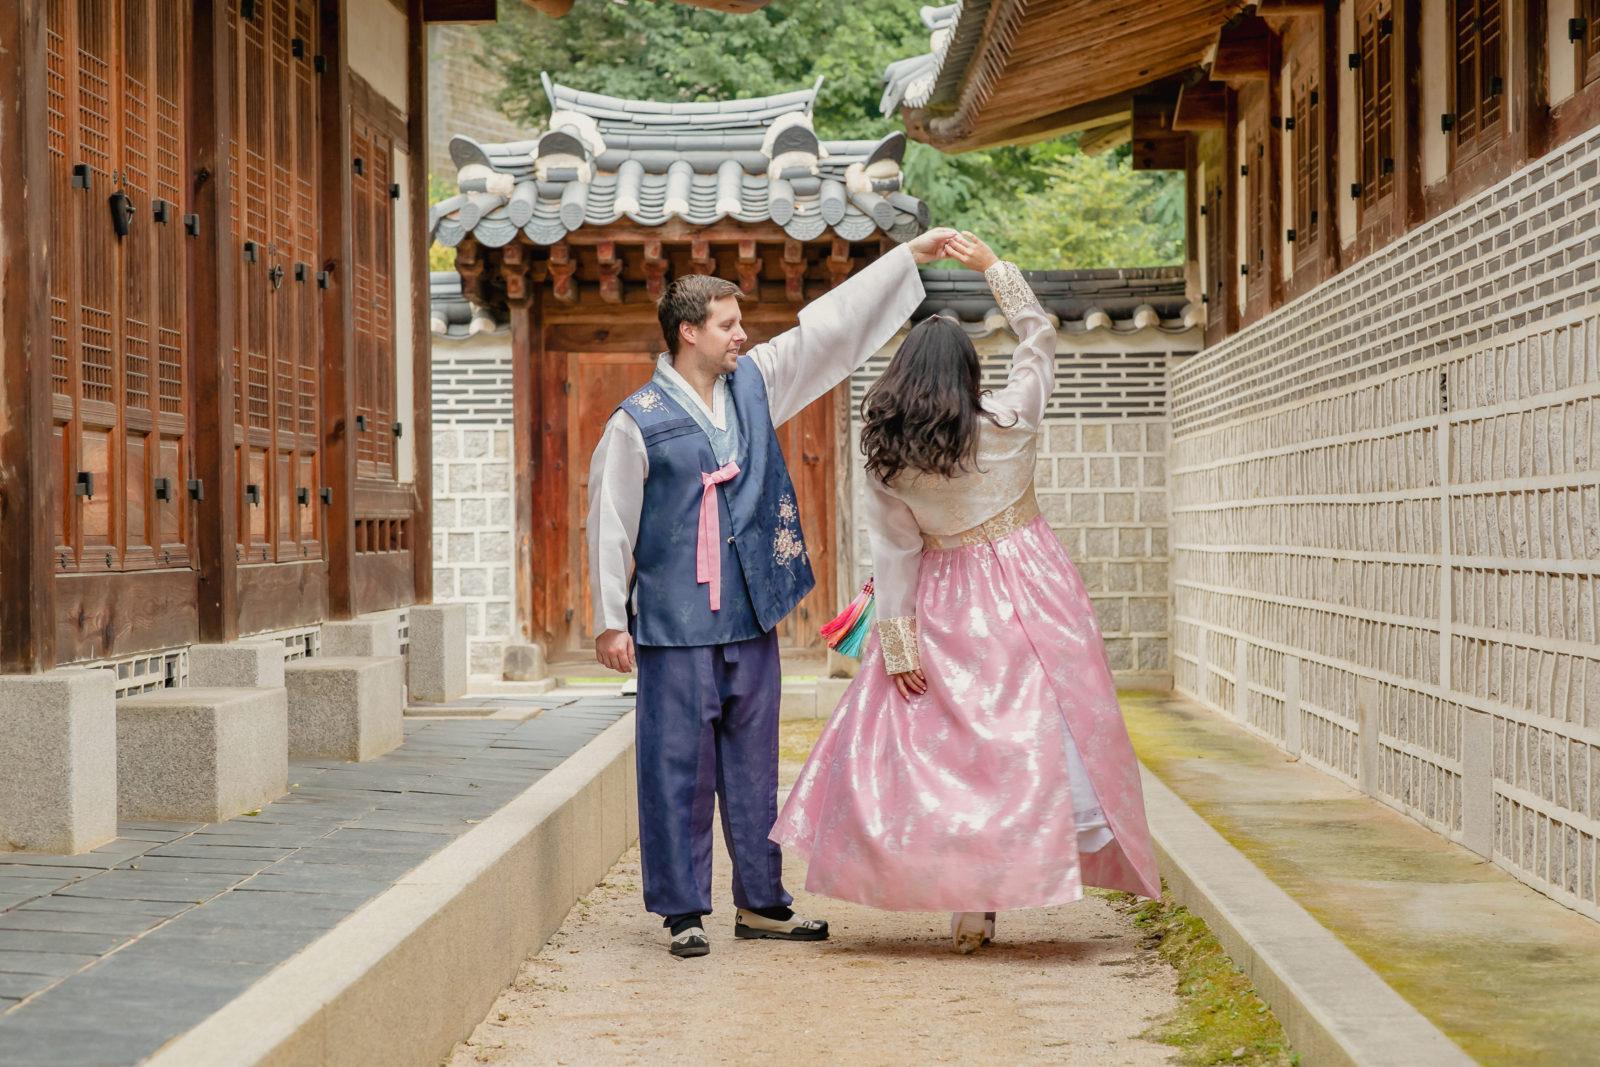 Korean hanbok photoshoot at Gyeongbokgung Palace